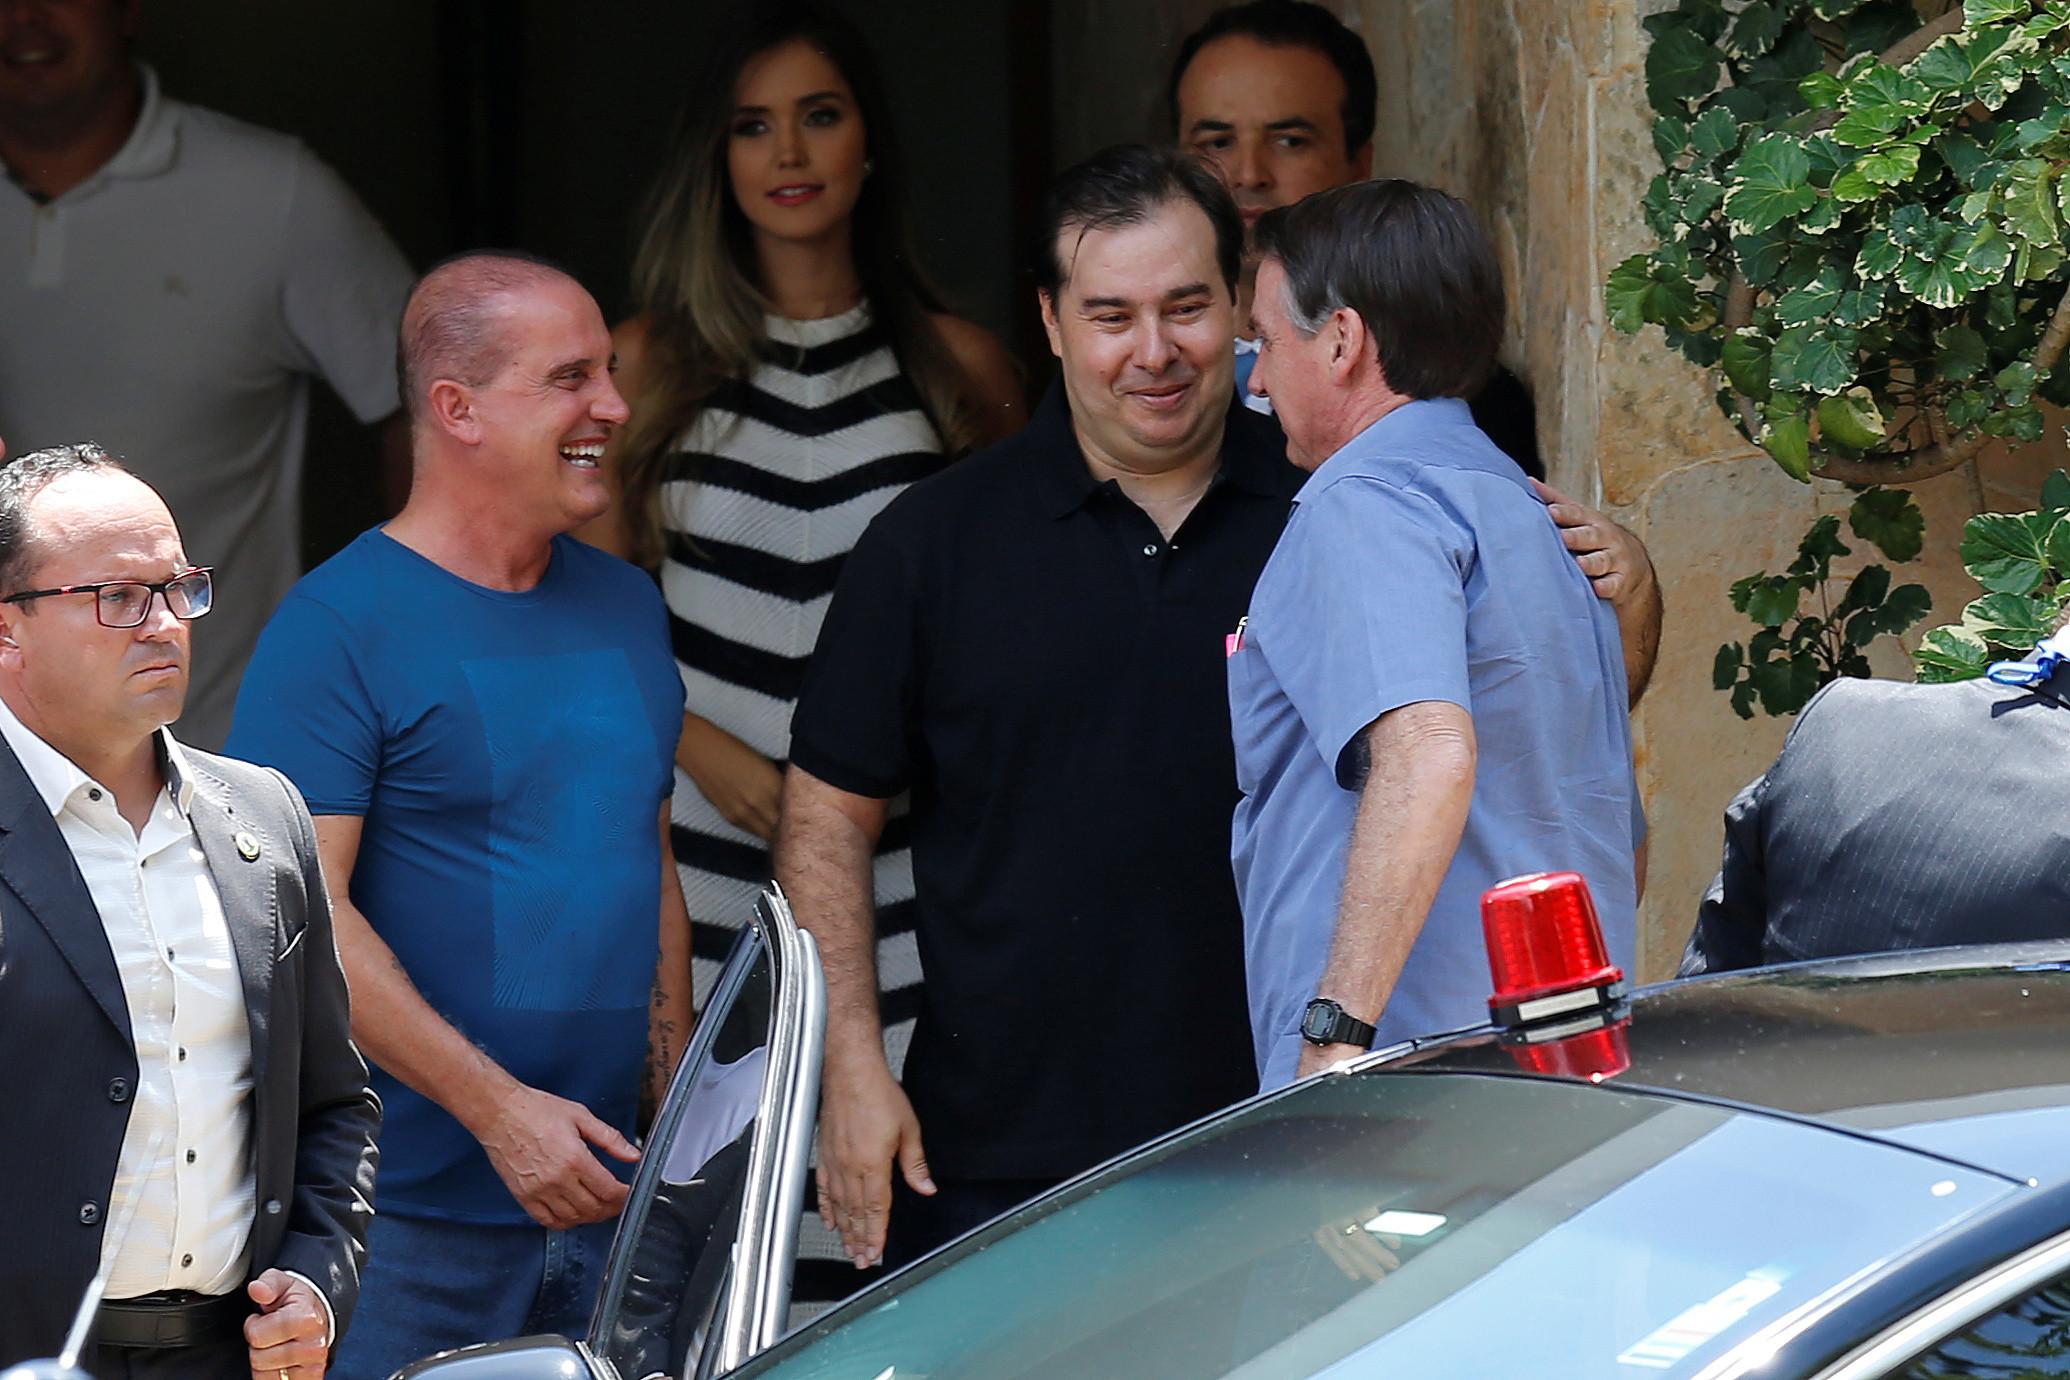 Com Moro de carona, Bolsonaro vai a churrasco com Maia, Davi e Toffoli